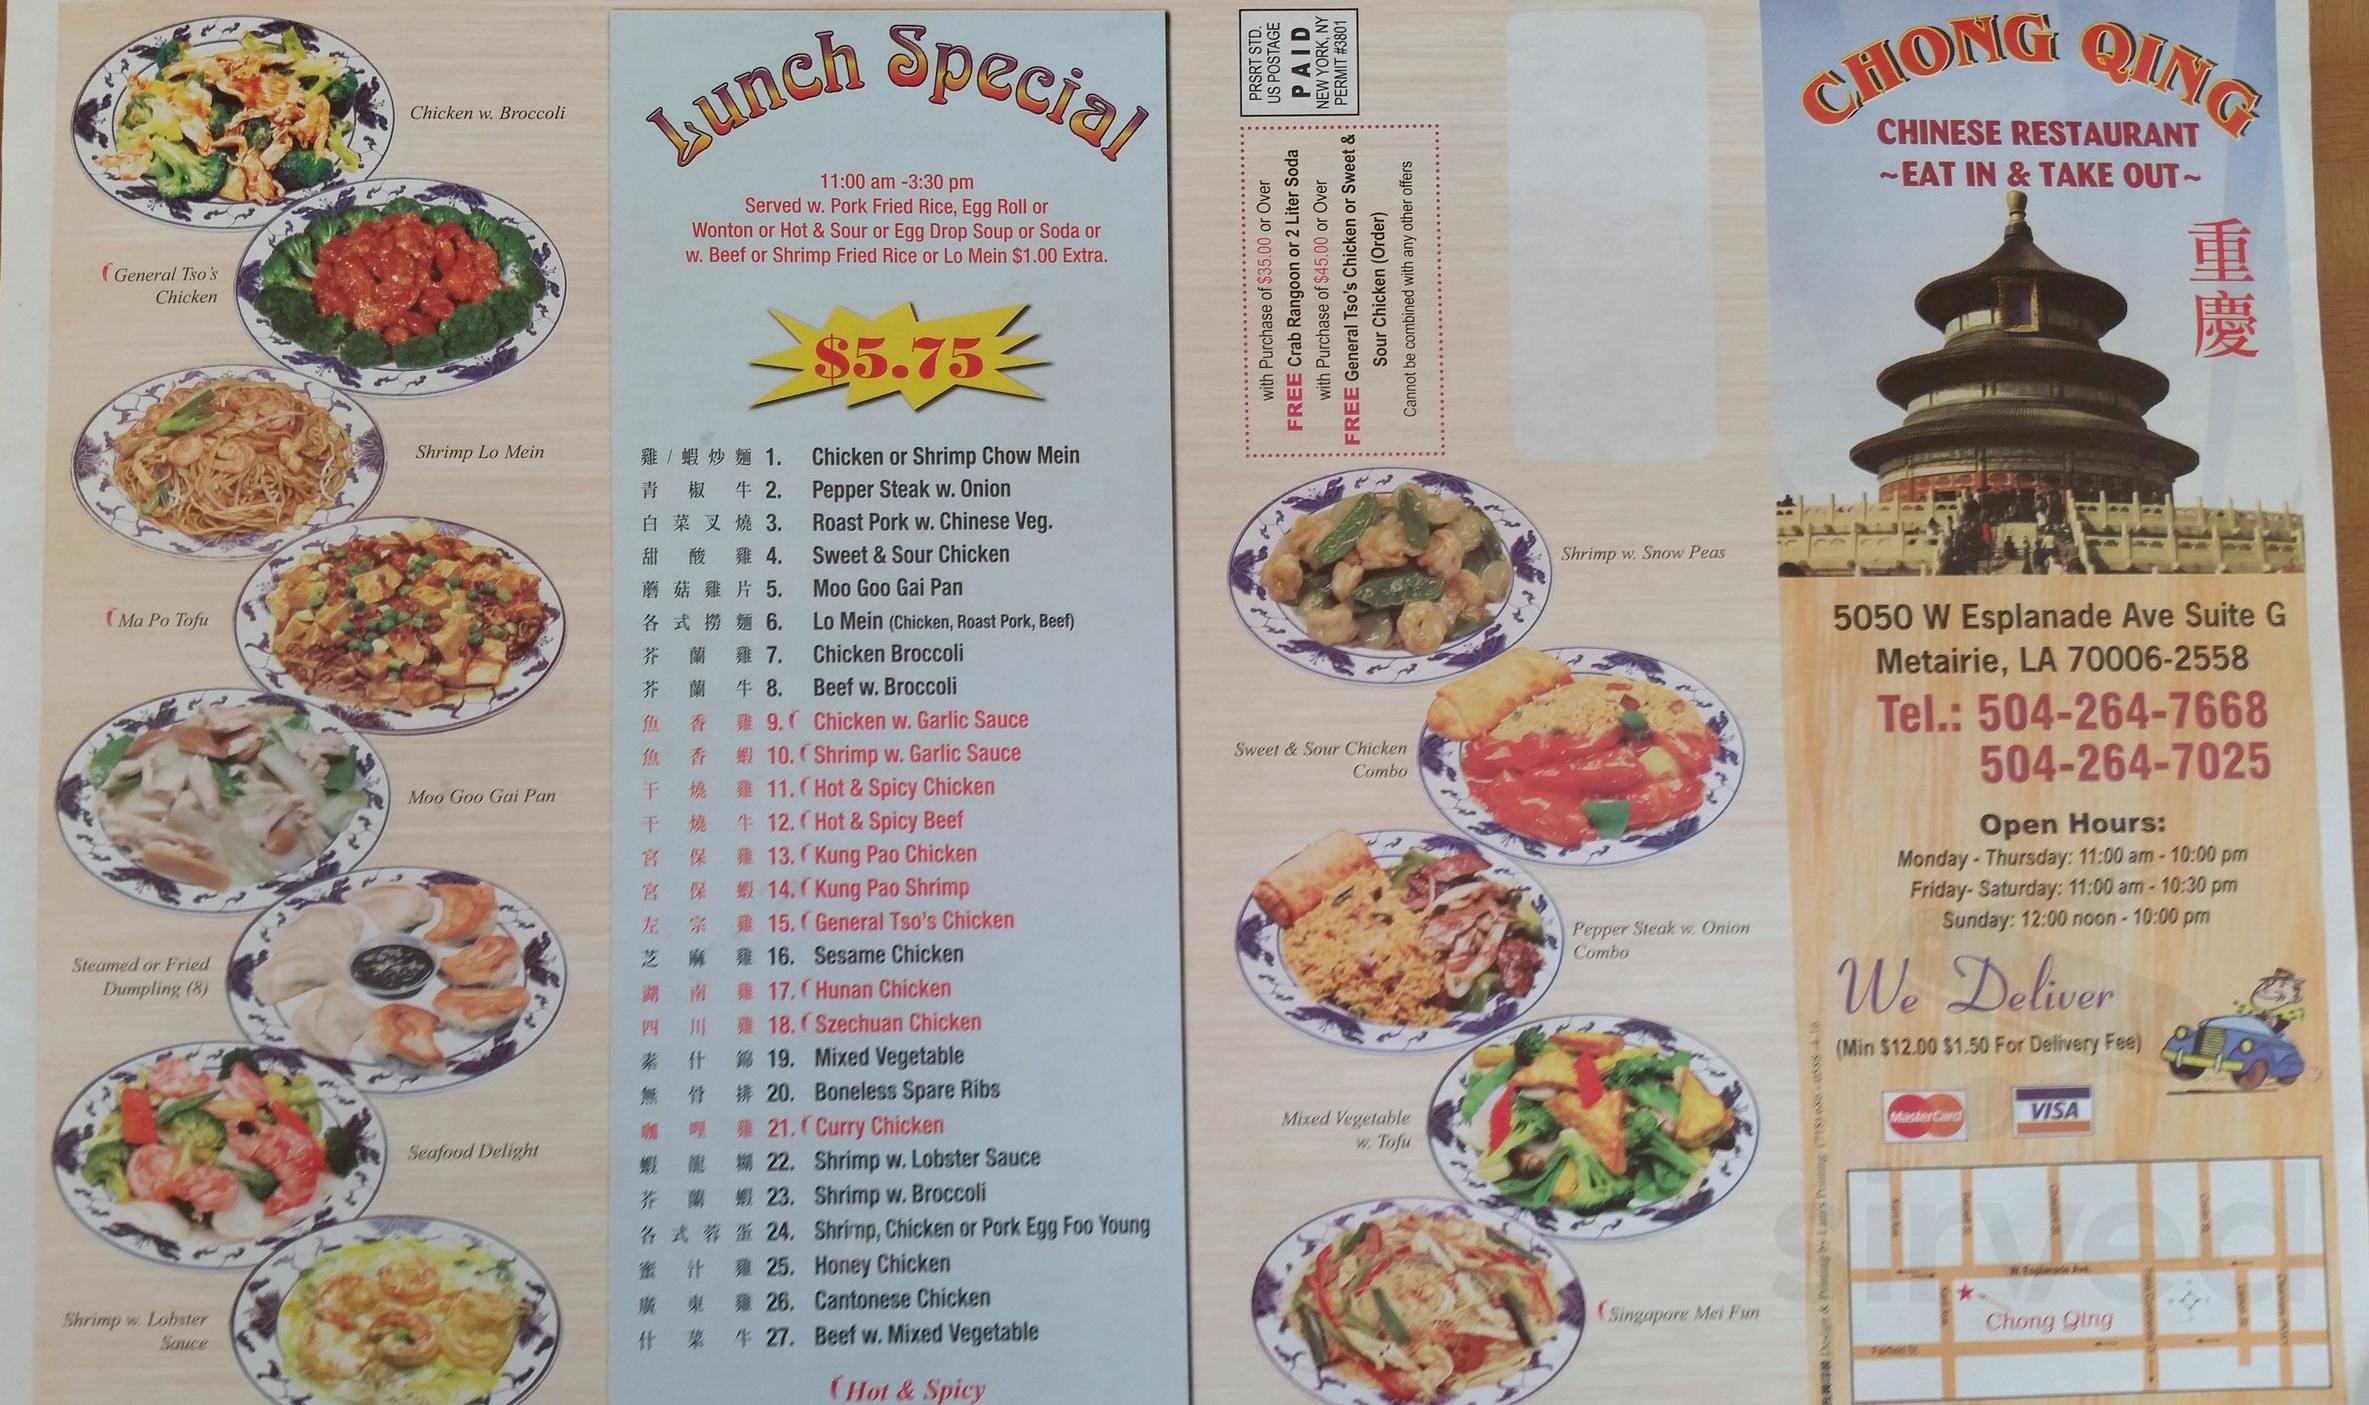 Menu For Chong Qing Restaurant In Metairie Louisiana